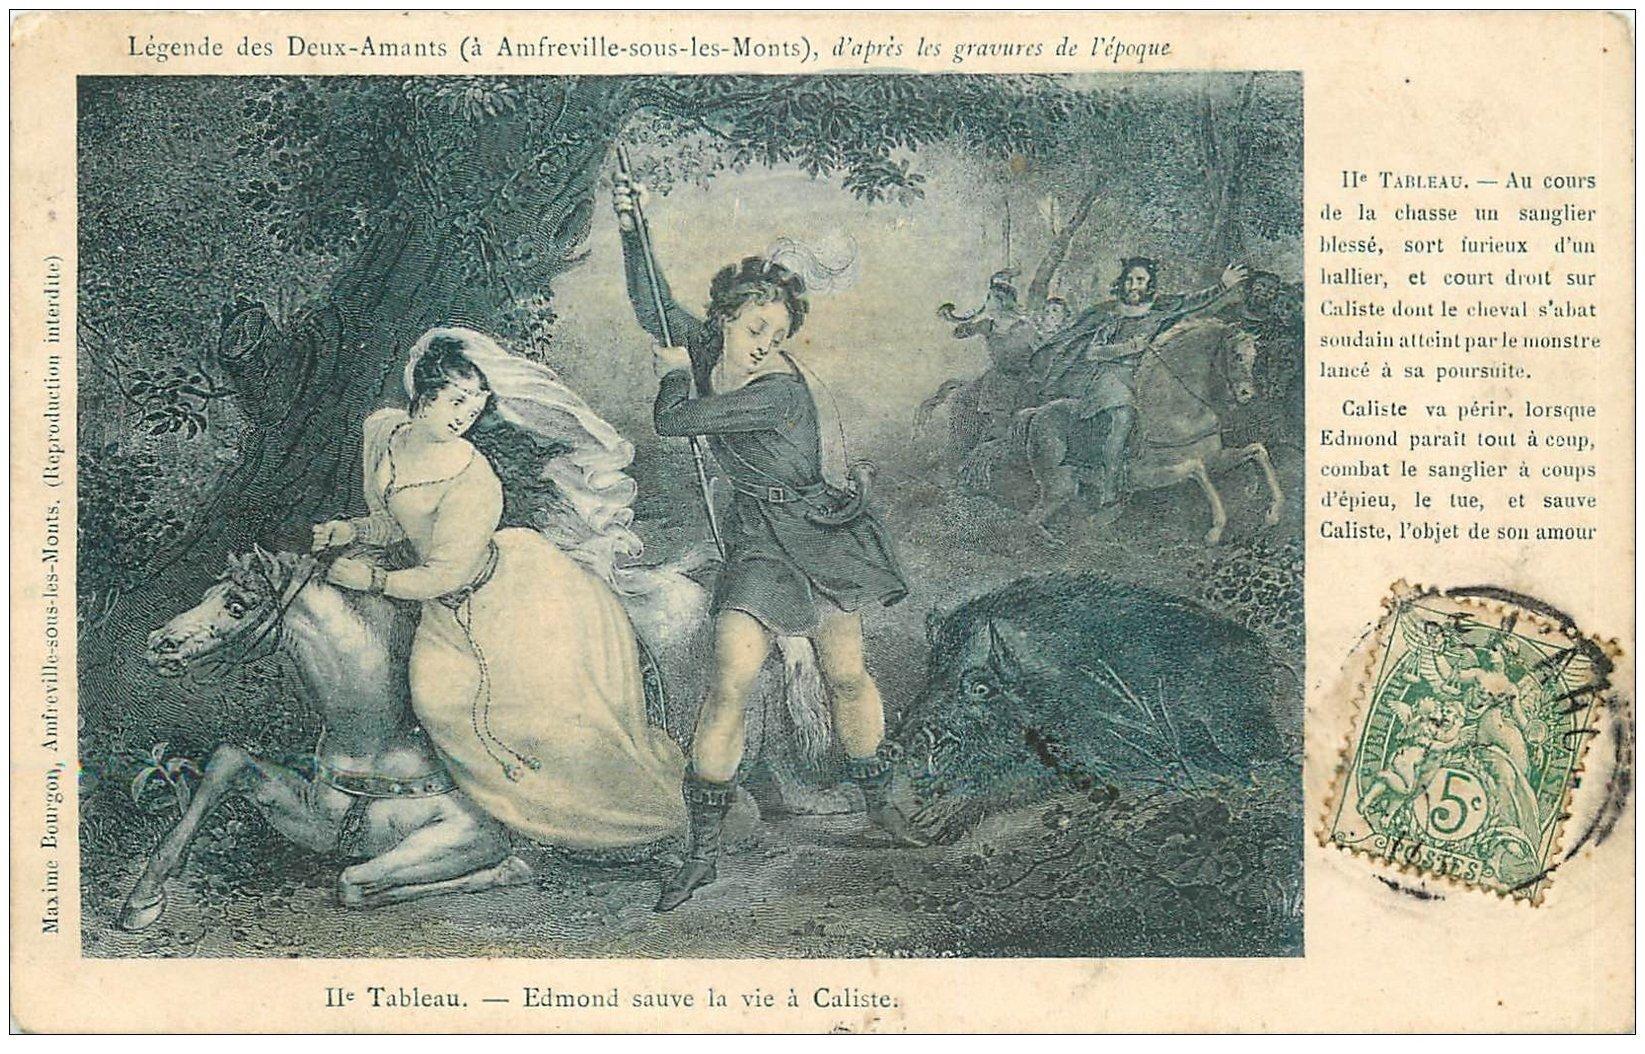 carte postale ancienne 27 AMFREVILLE-SOUS-LES-MONTS. Légende des Deux Amants. Edmond sauve Caliste 1907